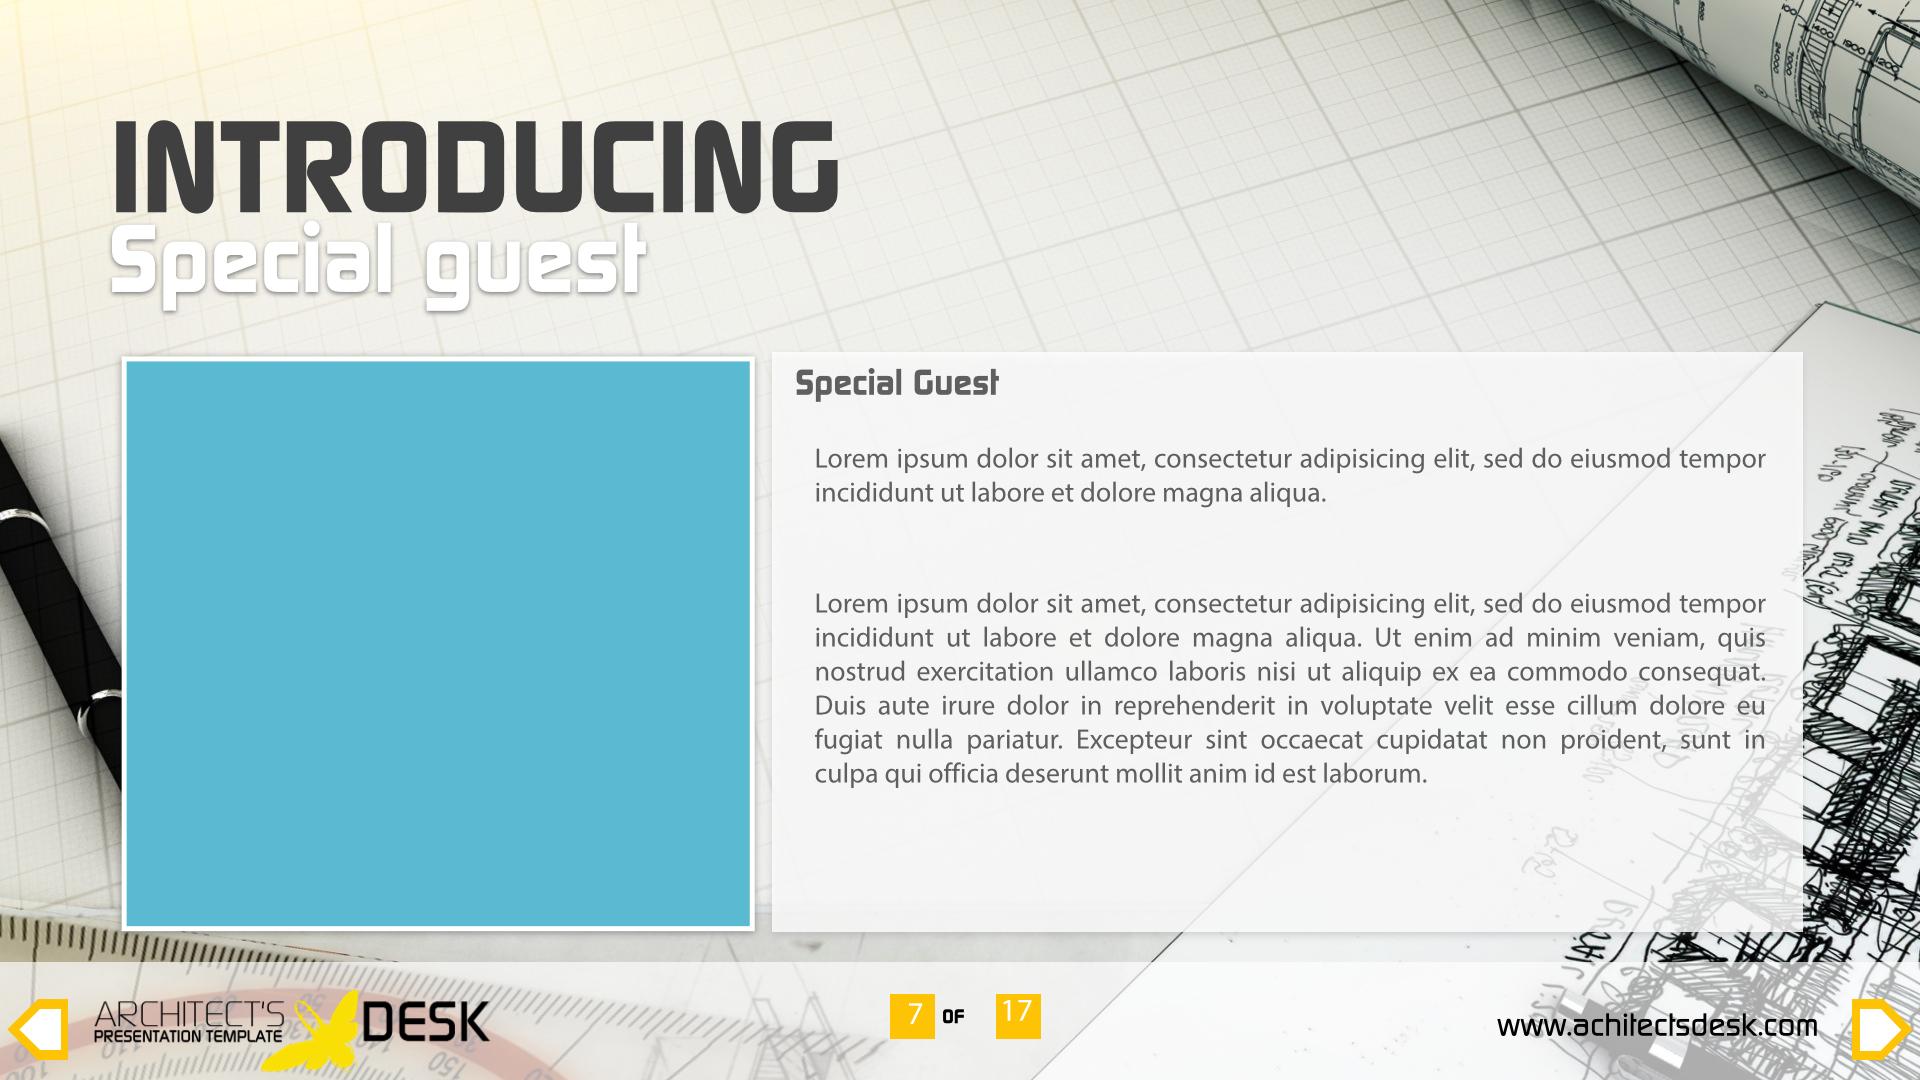 Architects Desk architects desk presentationultinato | graphicriver